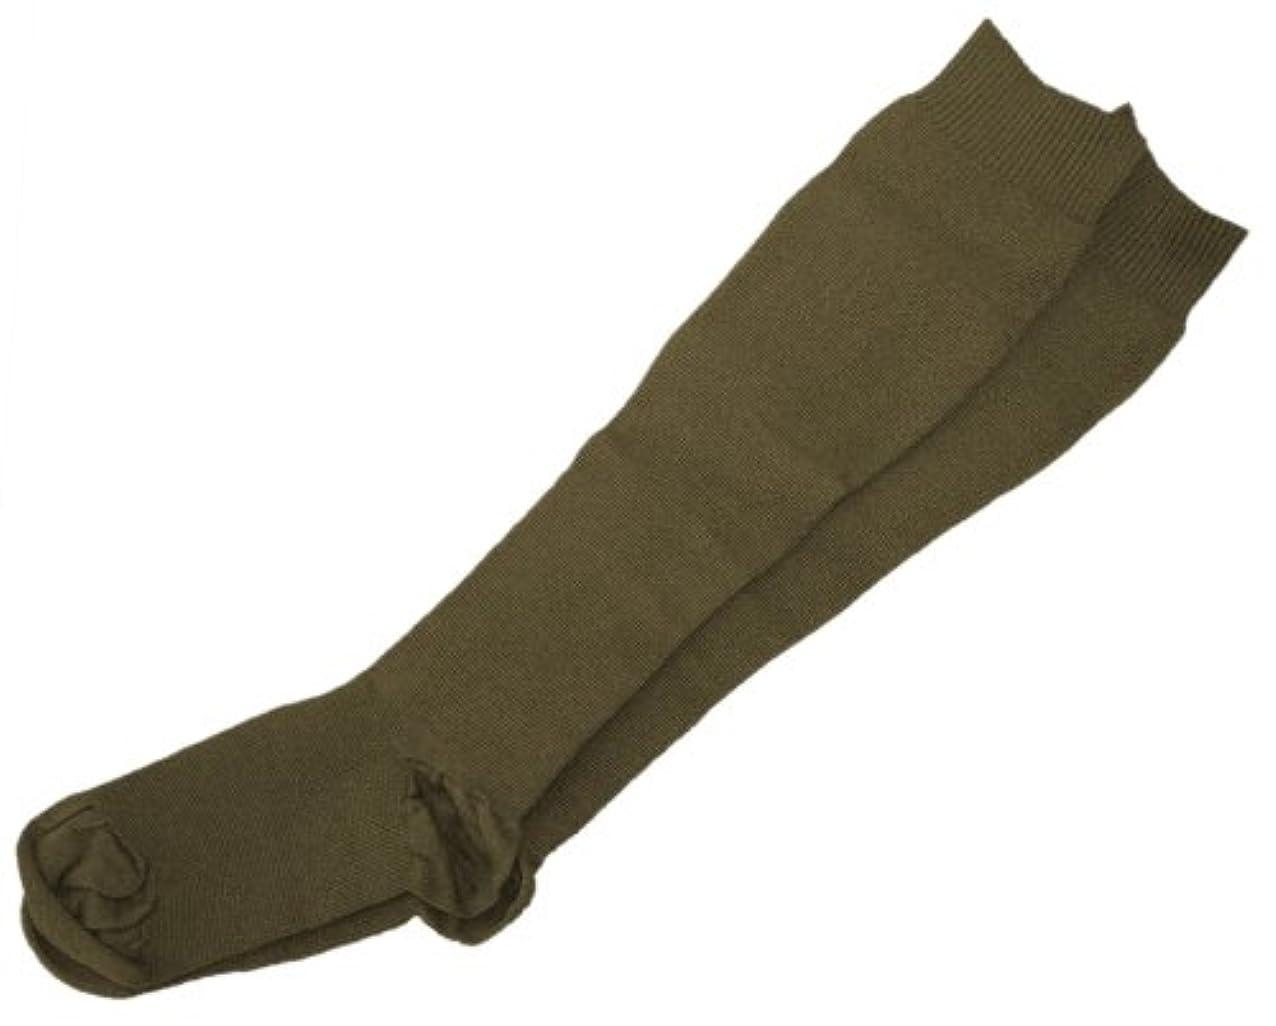 インキュバスリフレッシュ叫ぶギロファ スタンダードソックス ブラウン Sサイズ(22.0~23.5cm)